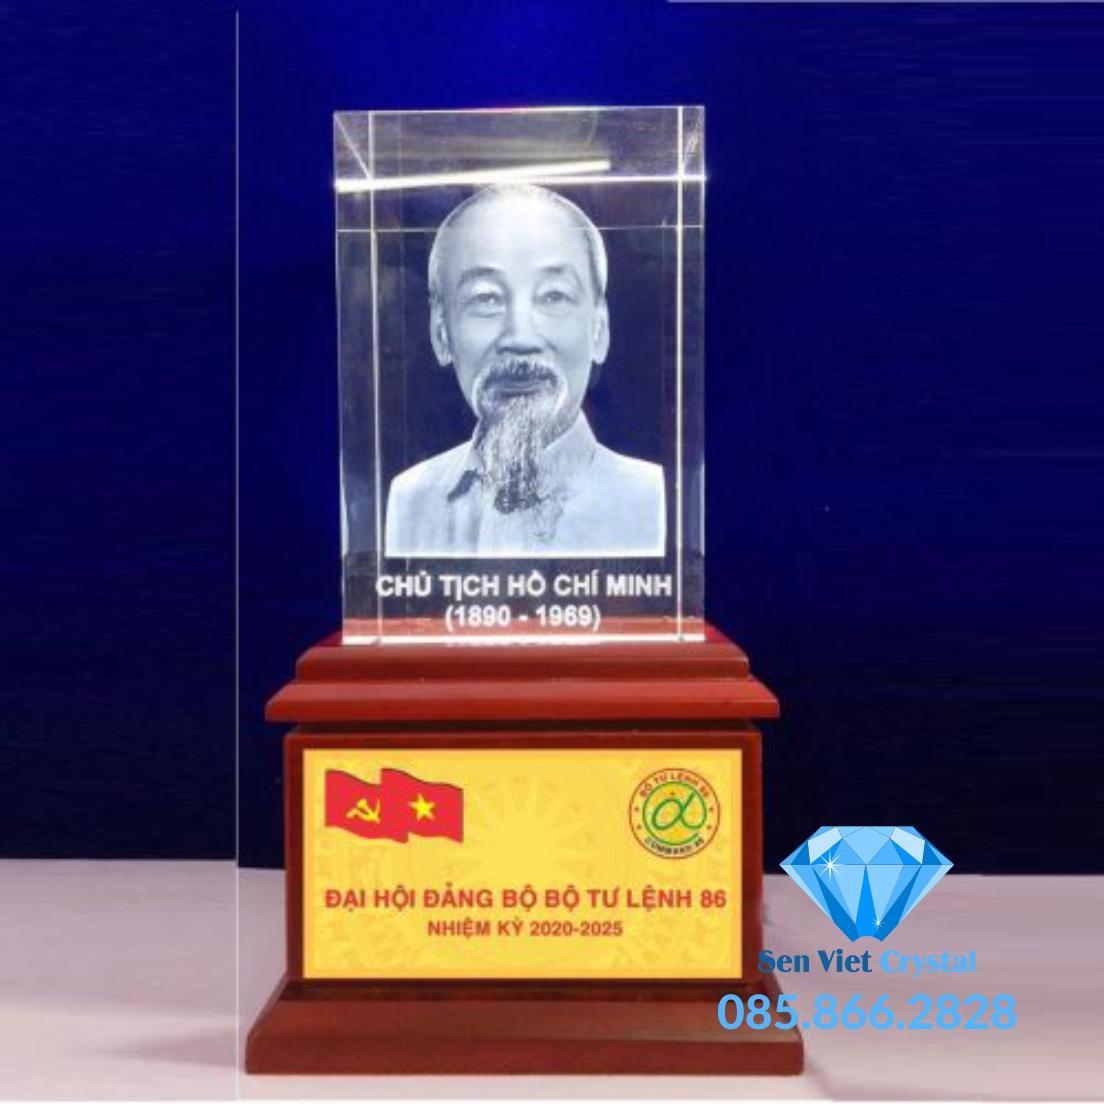 chân dung Bác Hồ in khắc 3d  giá rẻ nhất thị trường